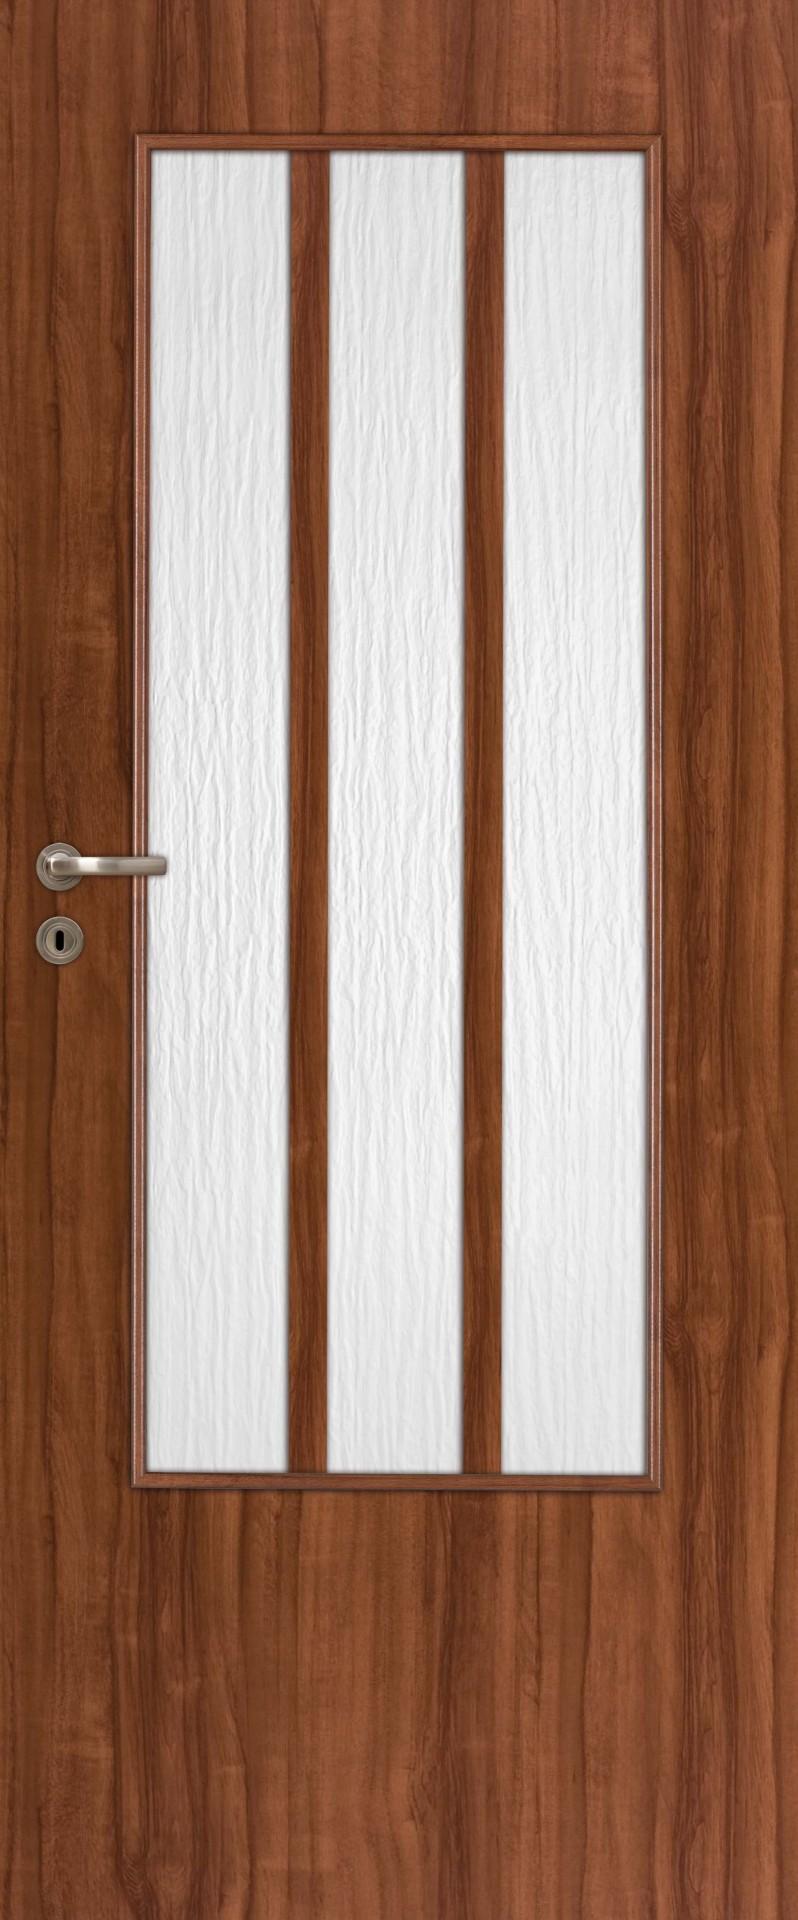 Dre dveře Arte 30 , Šíře v cm 90